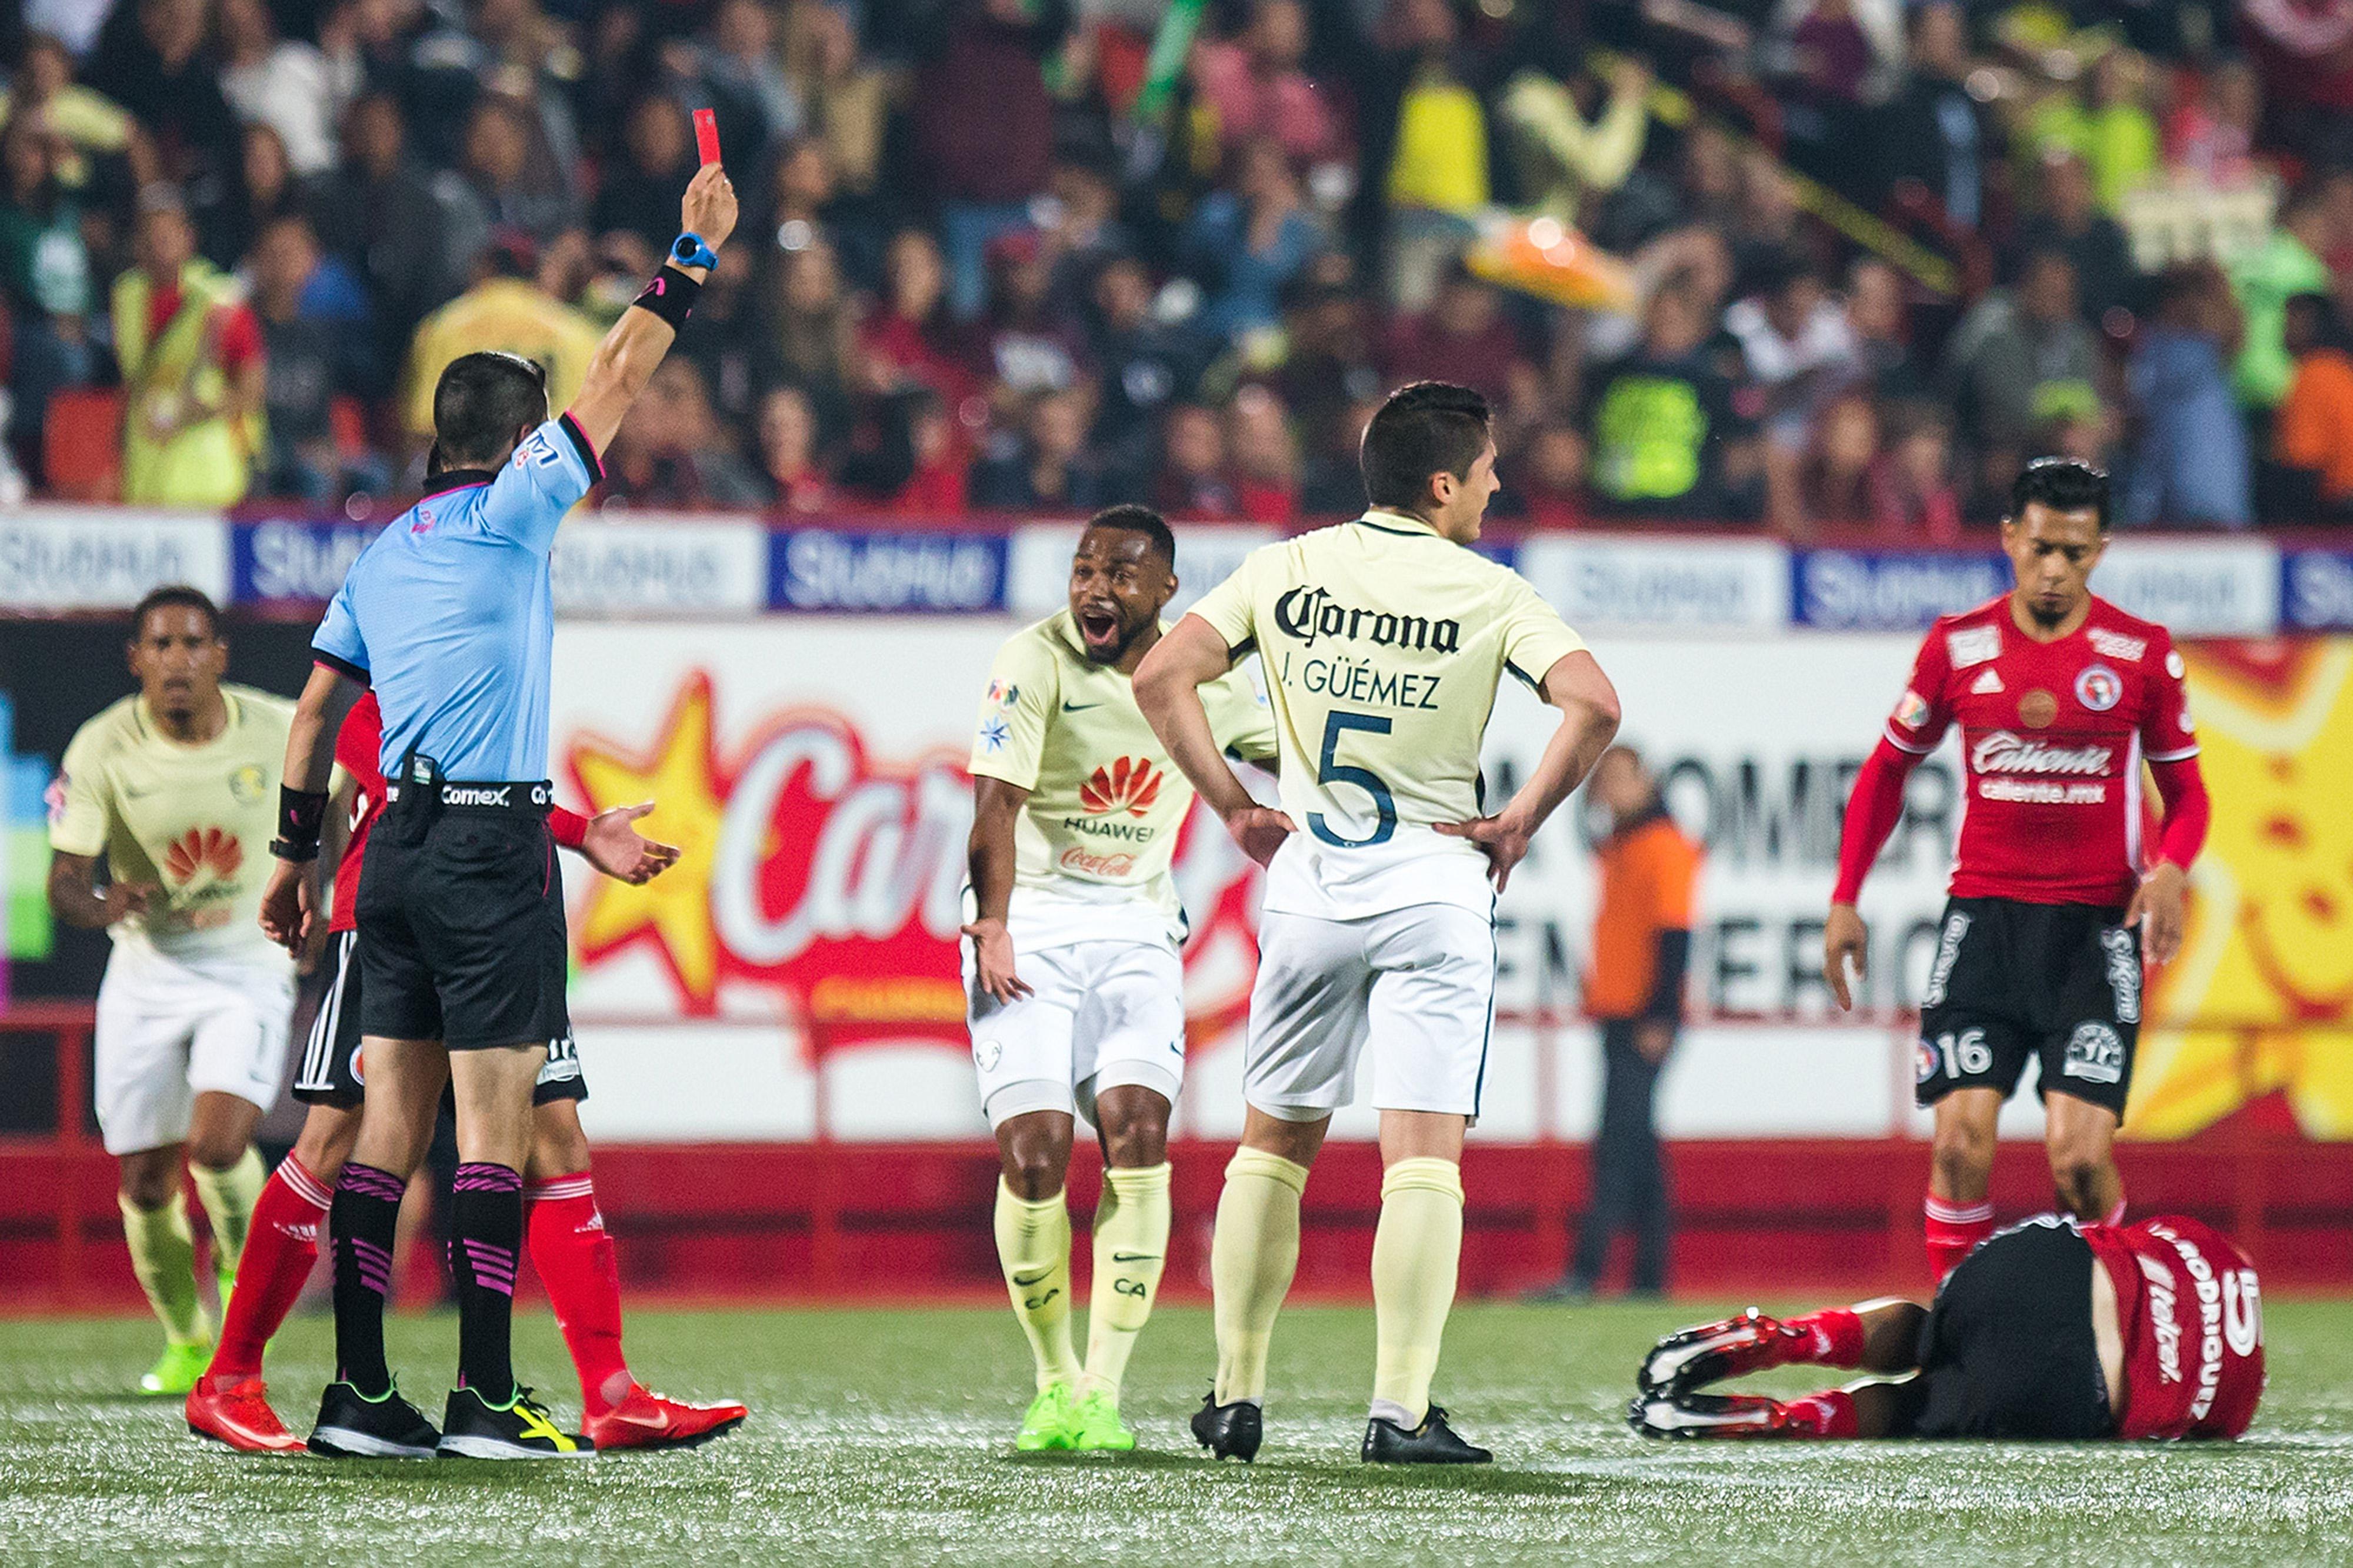 Los árbitros apelan los castigos de Pablo Aguilar y Enrique Triverio ...